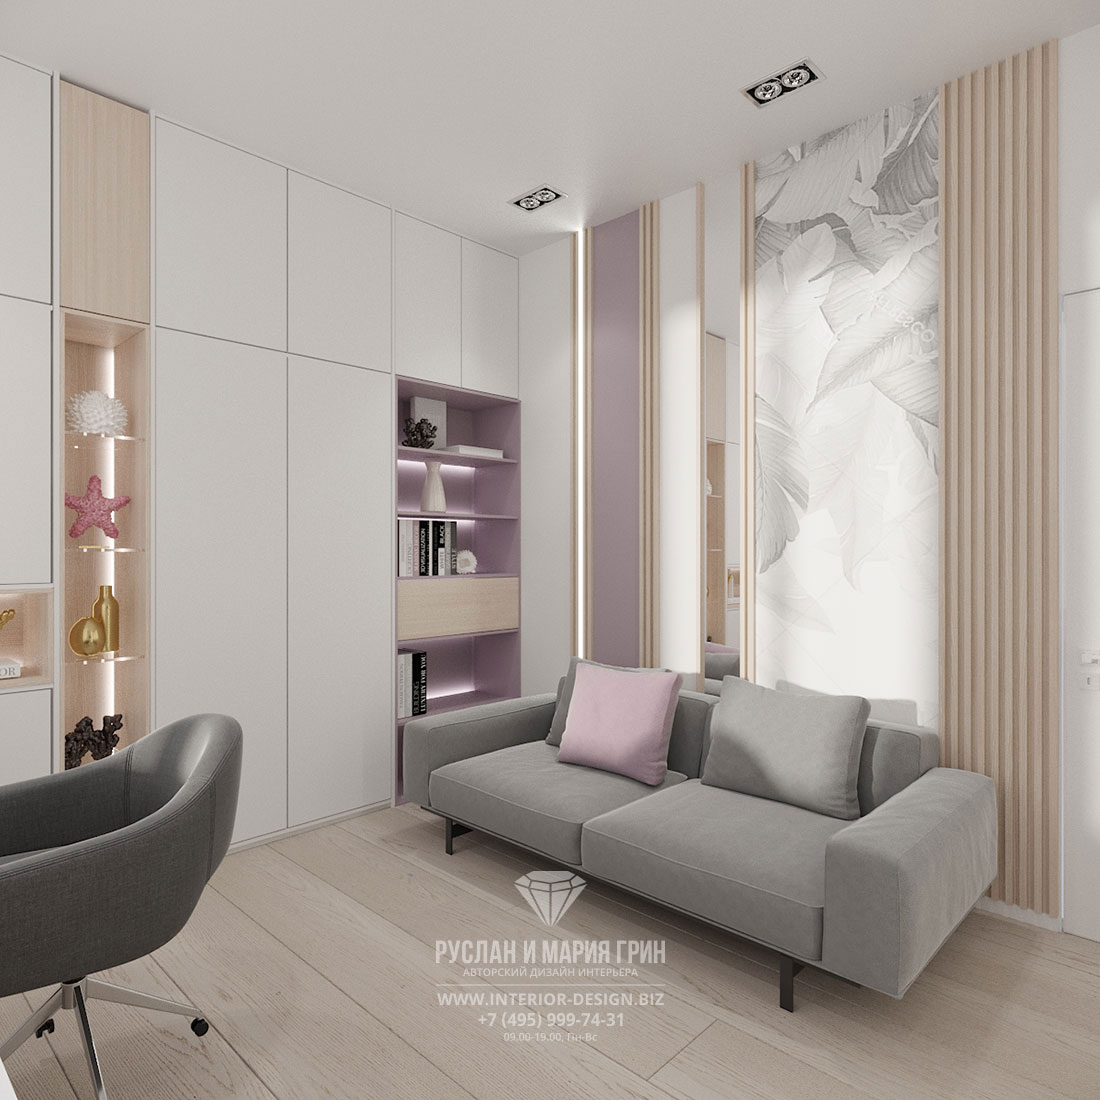 Интерьер комнаты для гостей в современном стиле с фотообоями